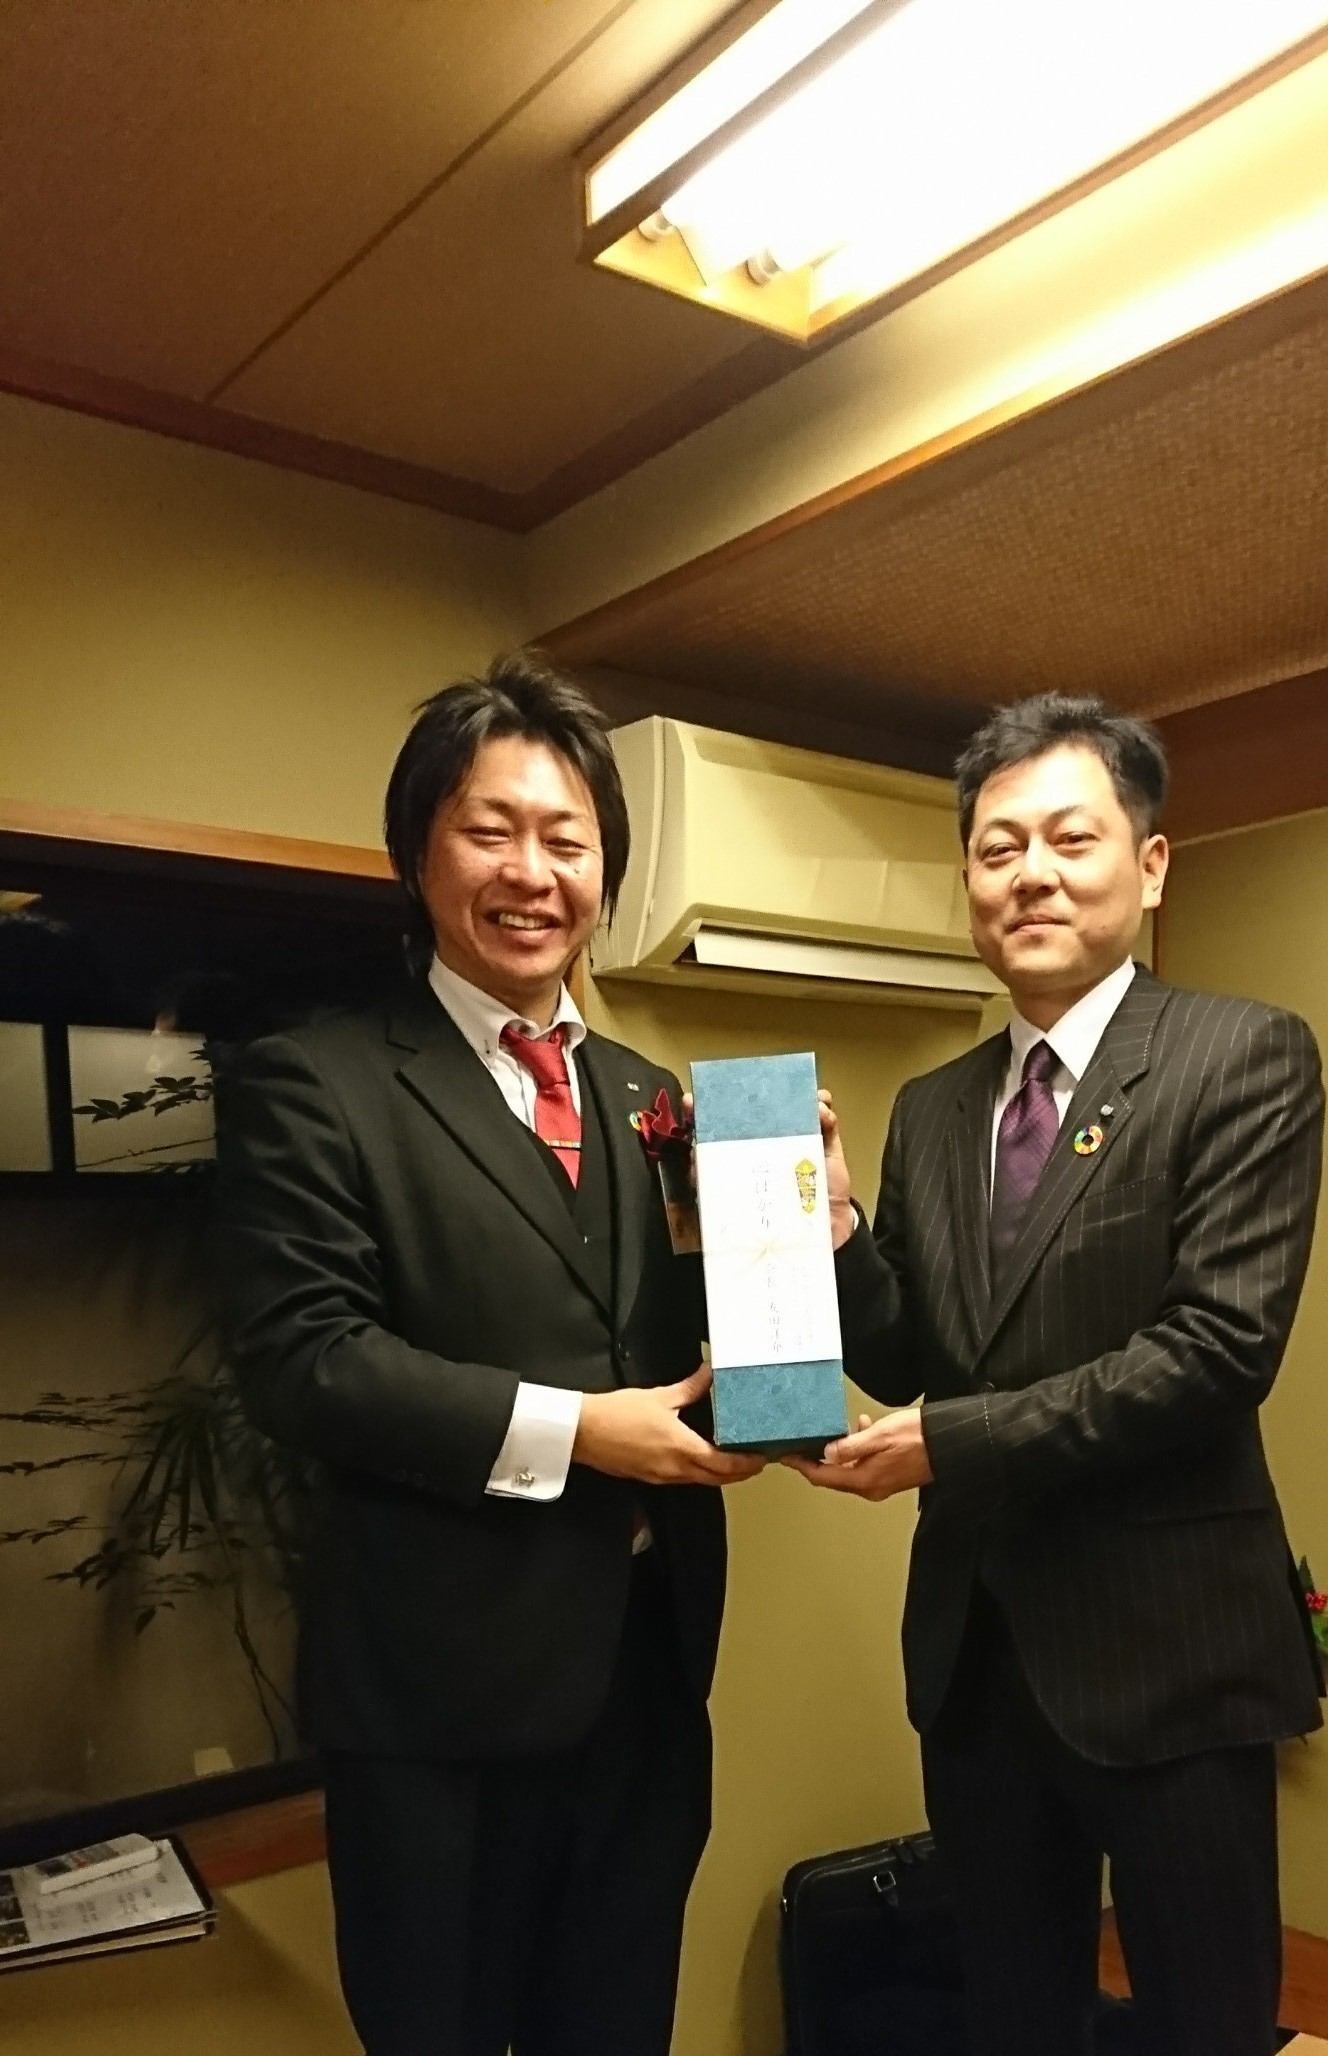 公益社団法人 日本青年会議所新年式典 2019年度京都会議のサムネイル画像4